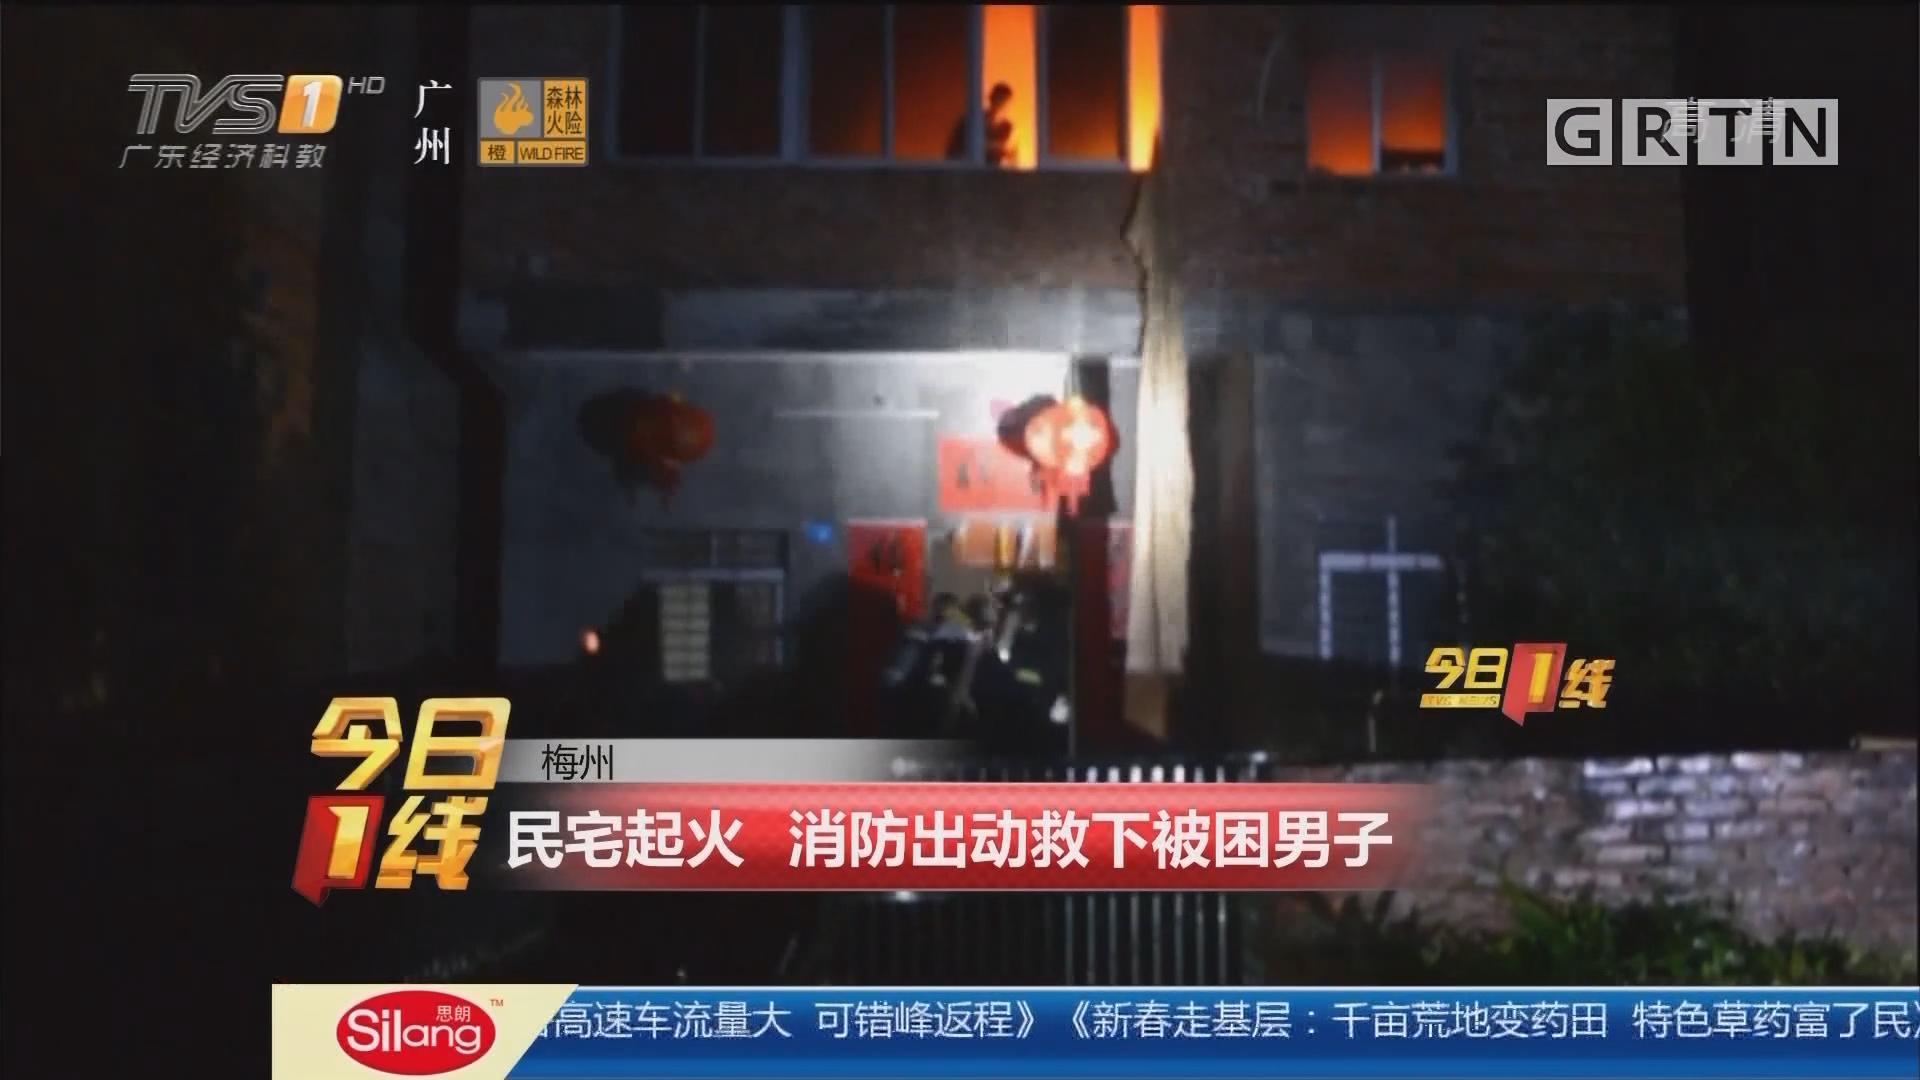 梅州:民宅起火 消防出动救下被困男子